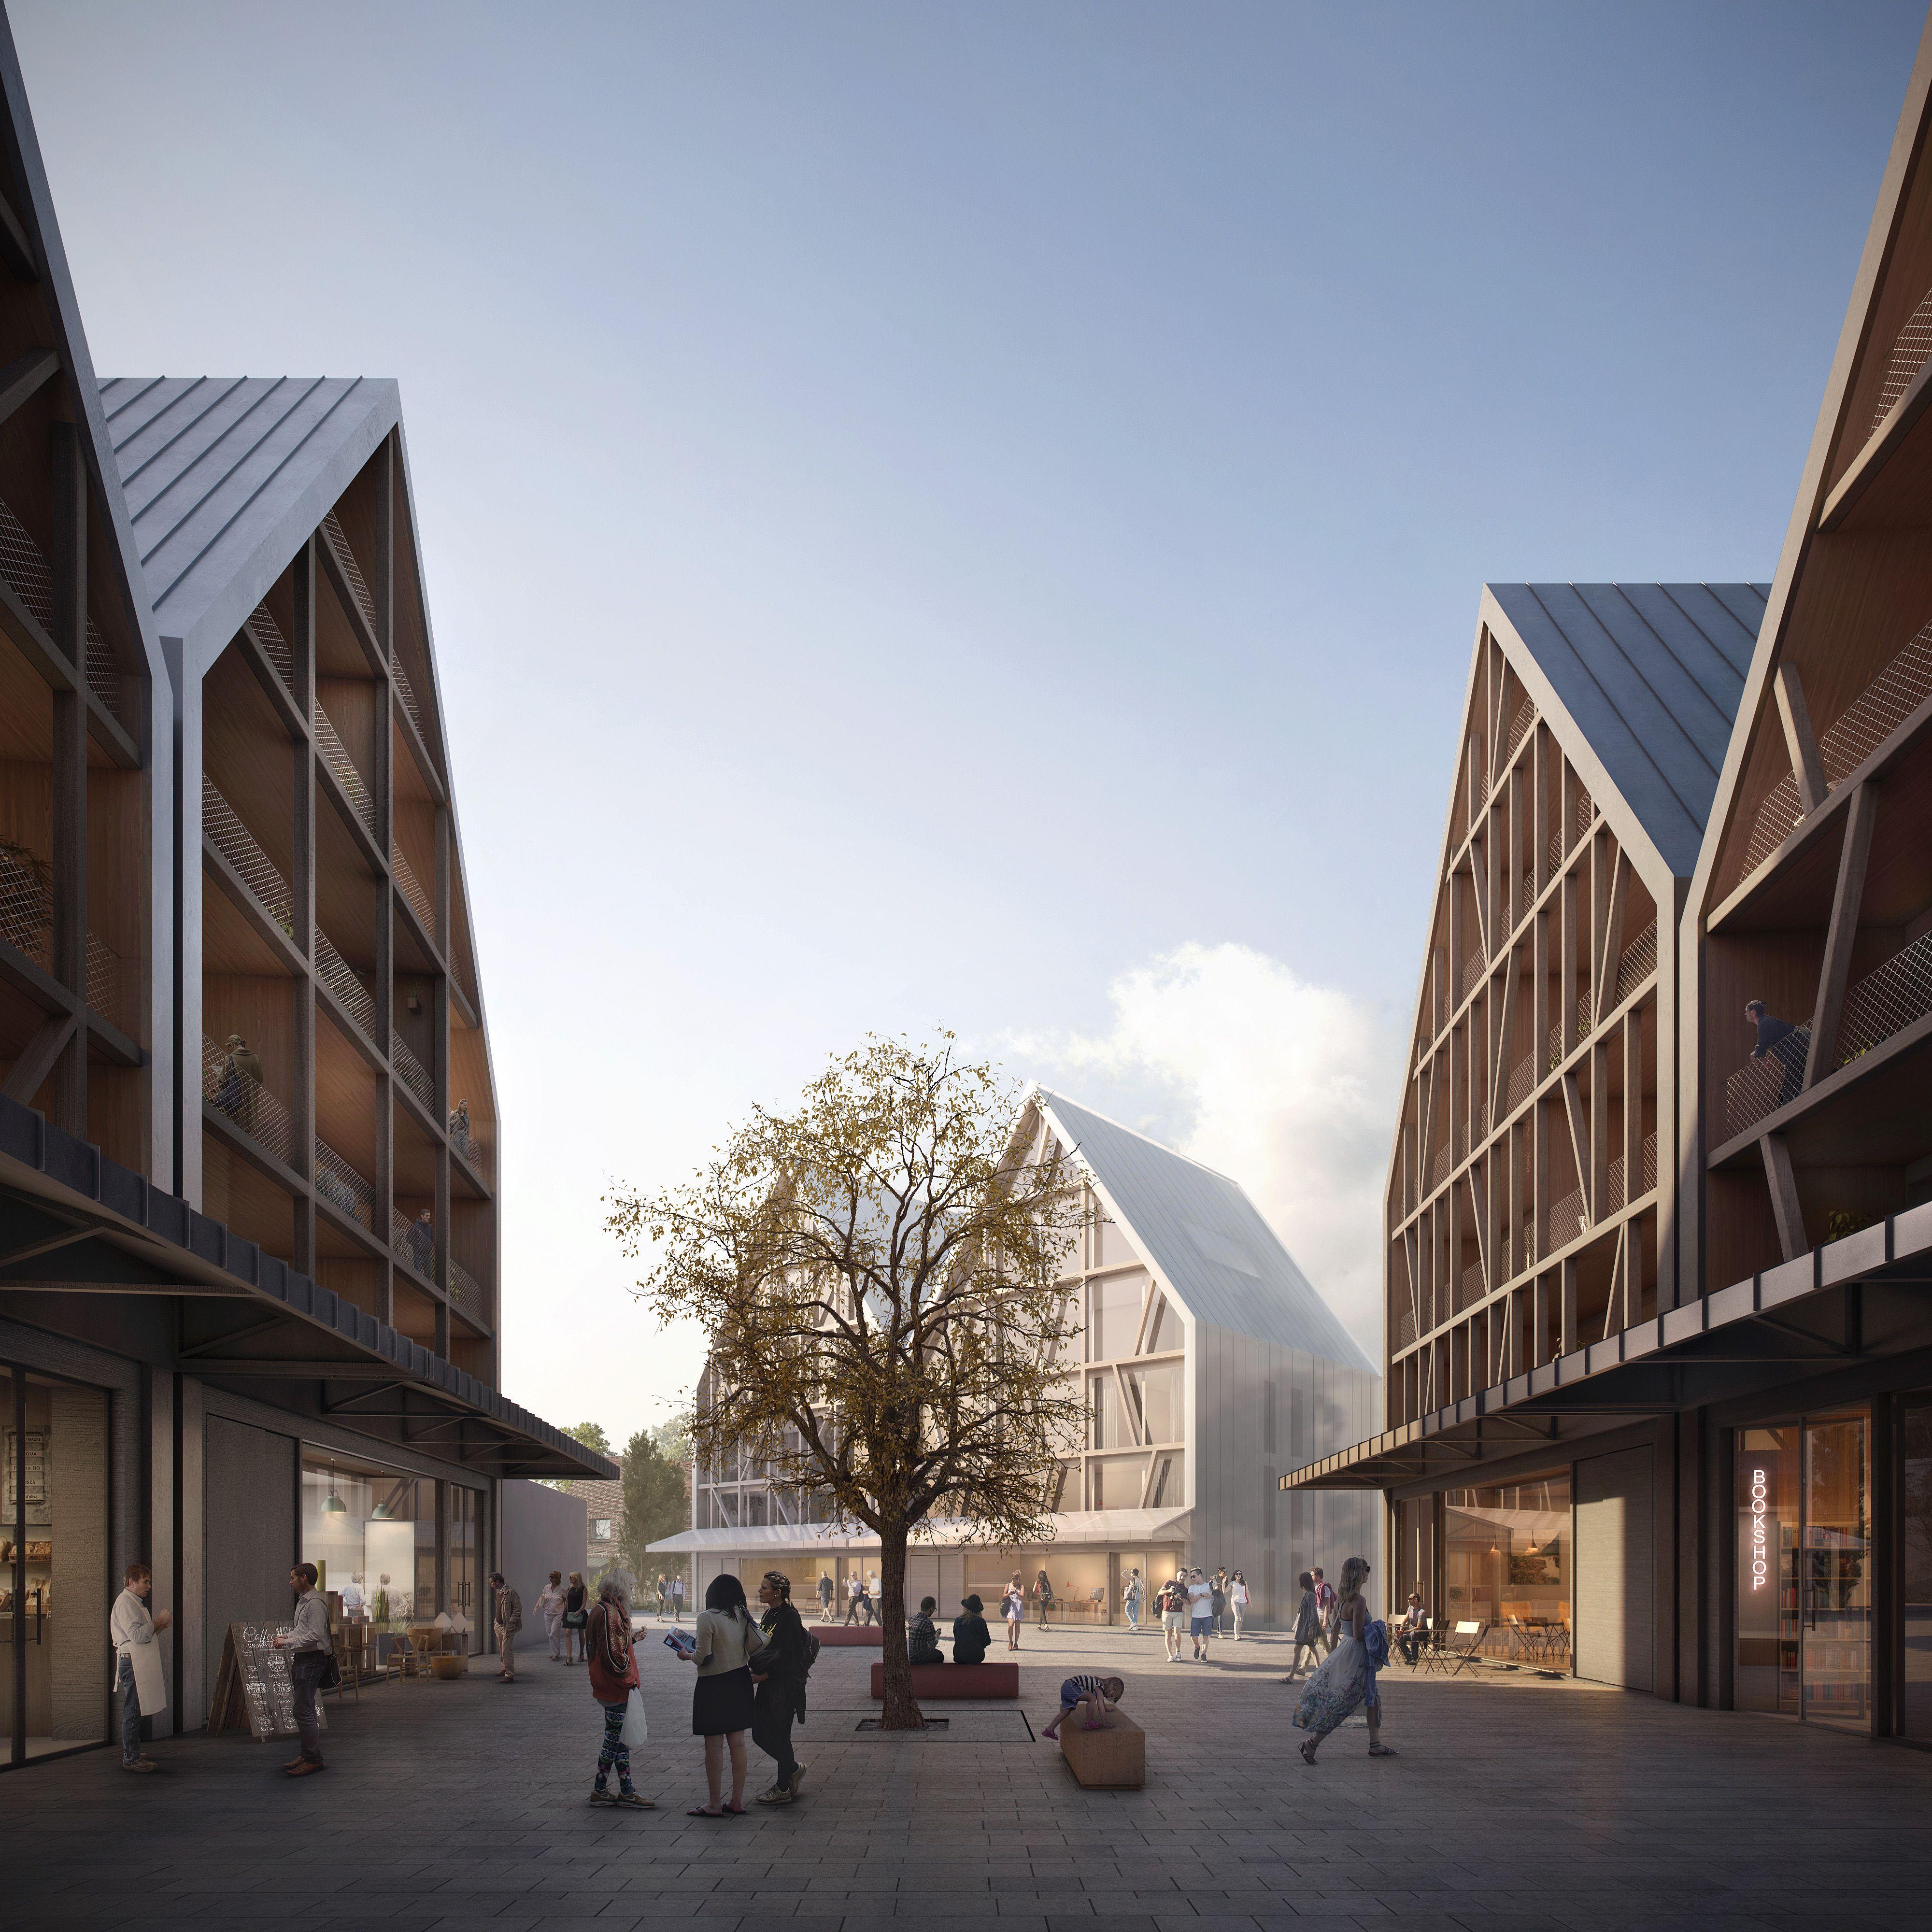 Allmann sattler wappner architekten leonberg competition for Masterarbeit architektur